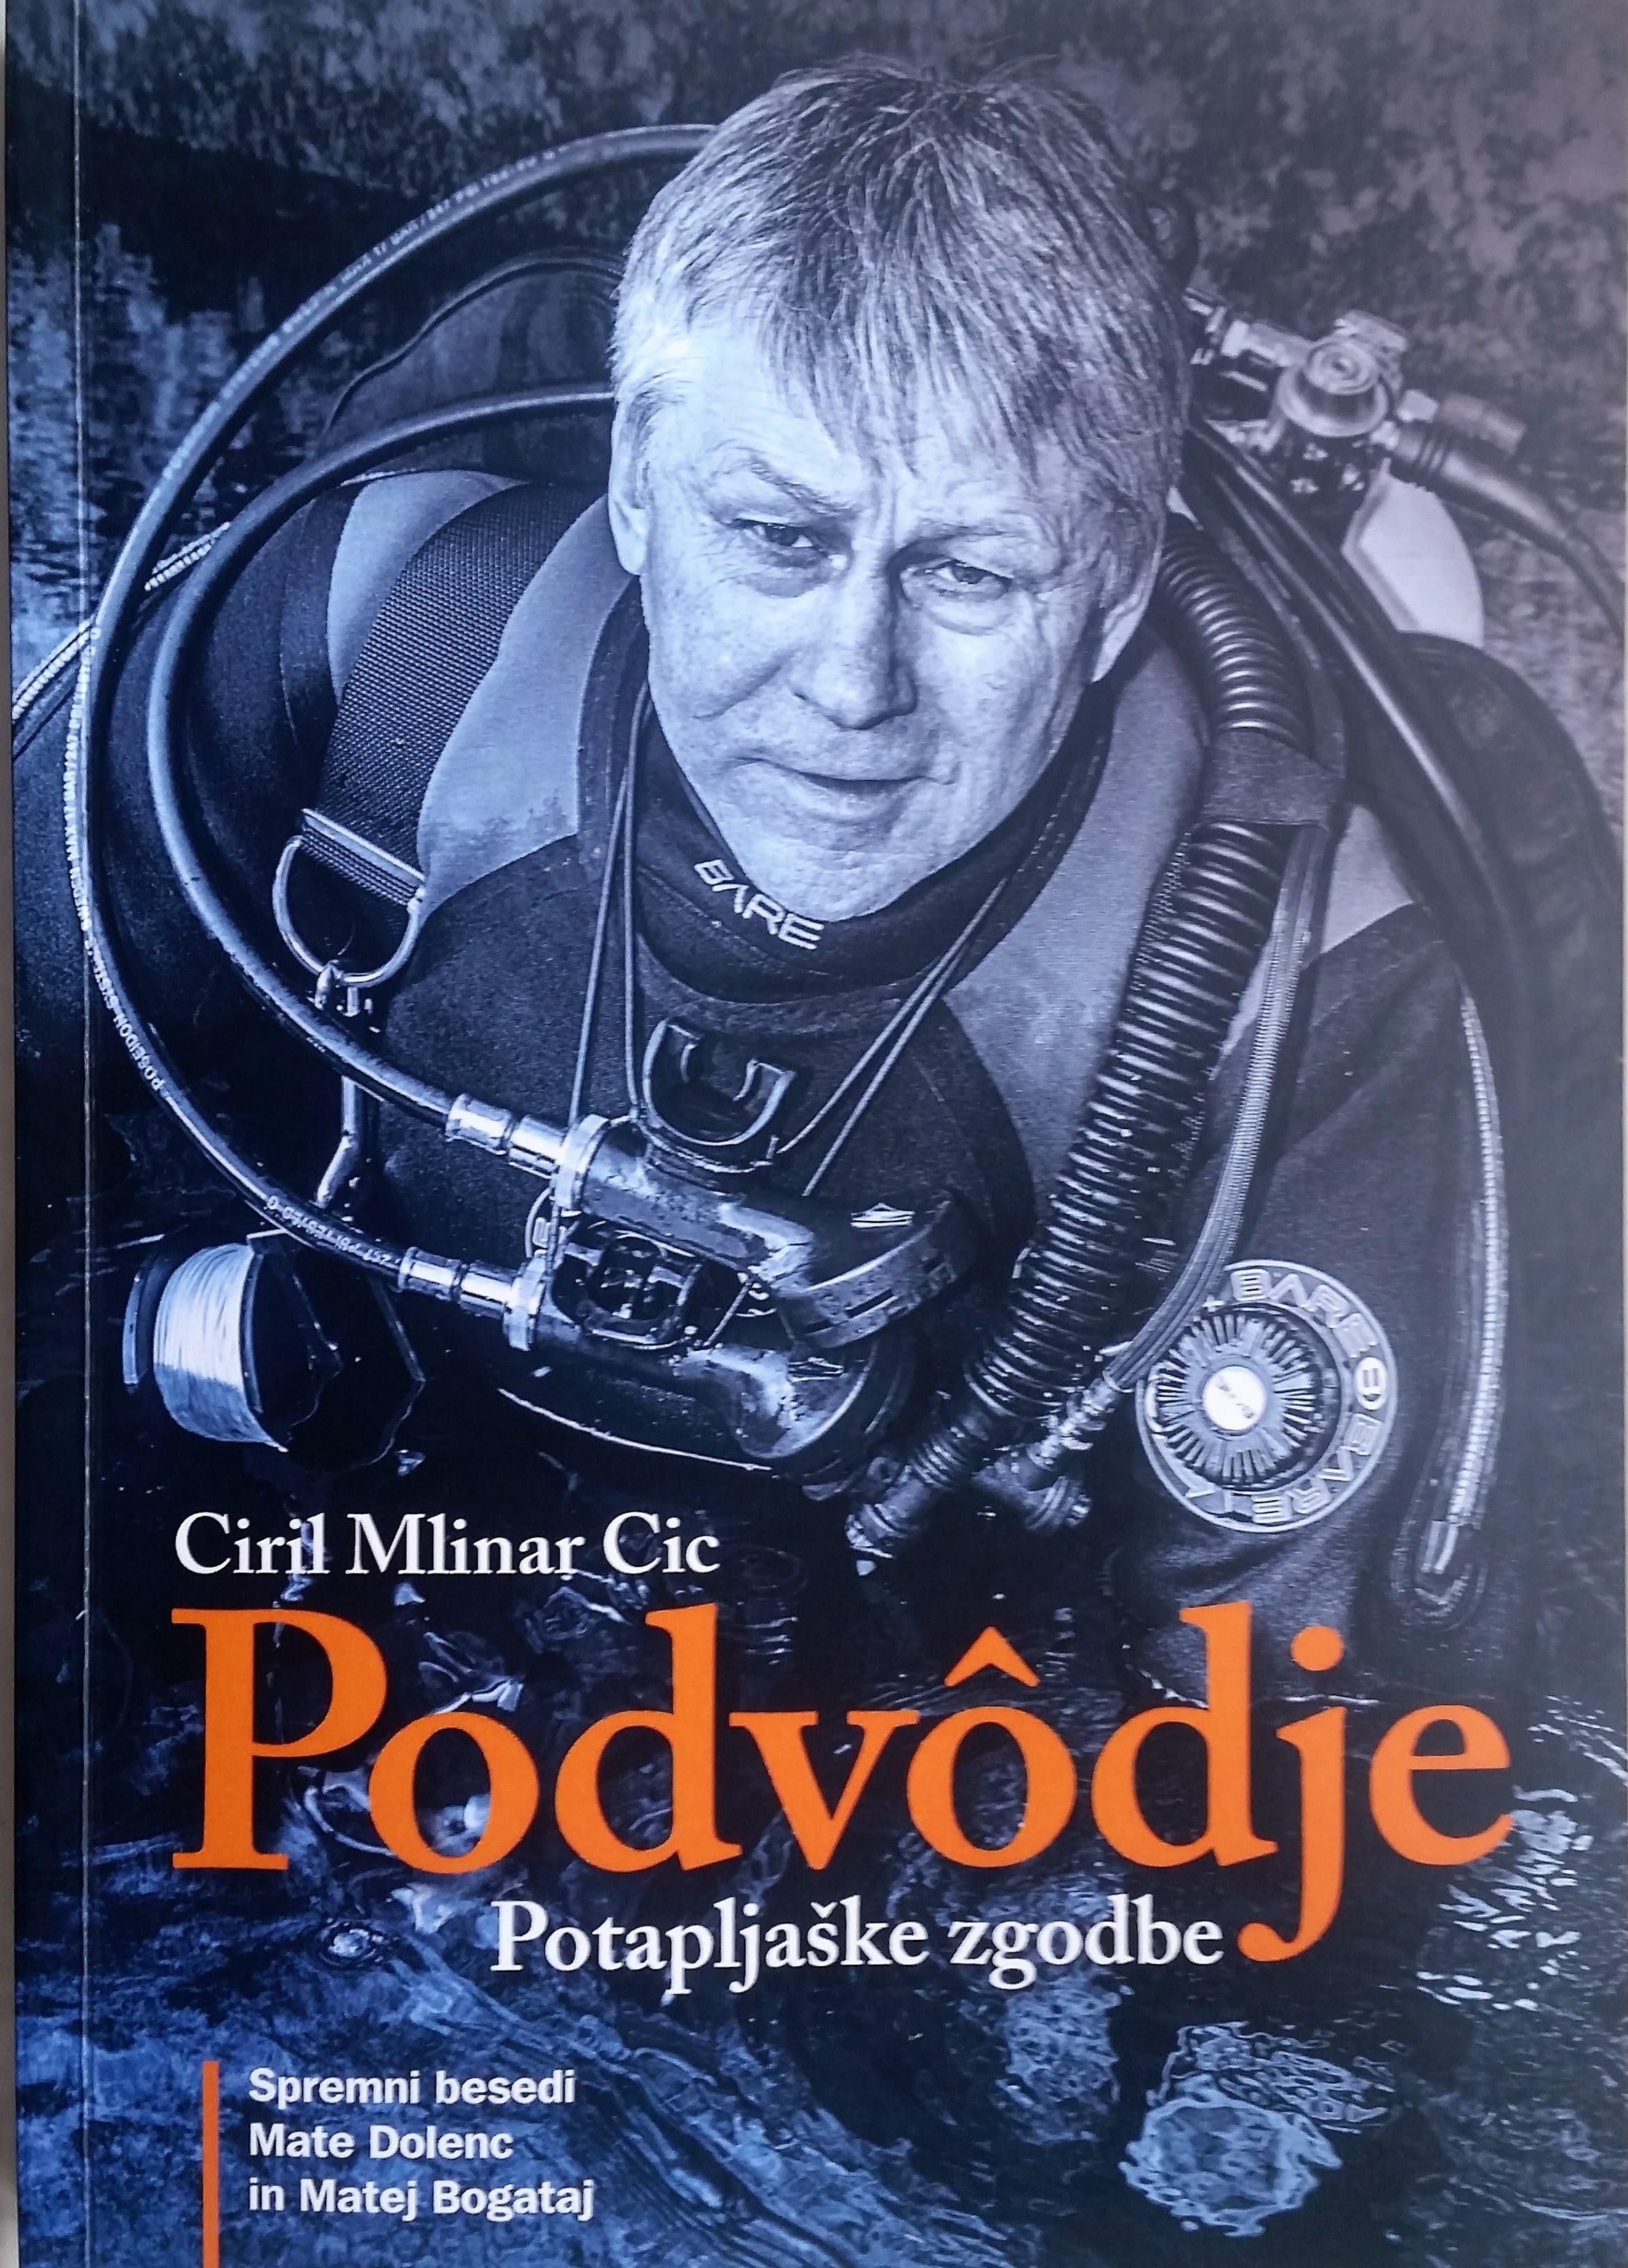 http://www.ebesede.si/Podvodje-Potapljaske-zgodbe-Ciril-Mlinar-Cic/985